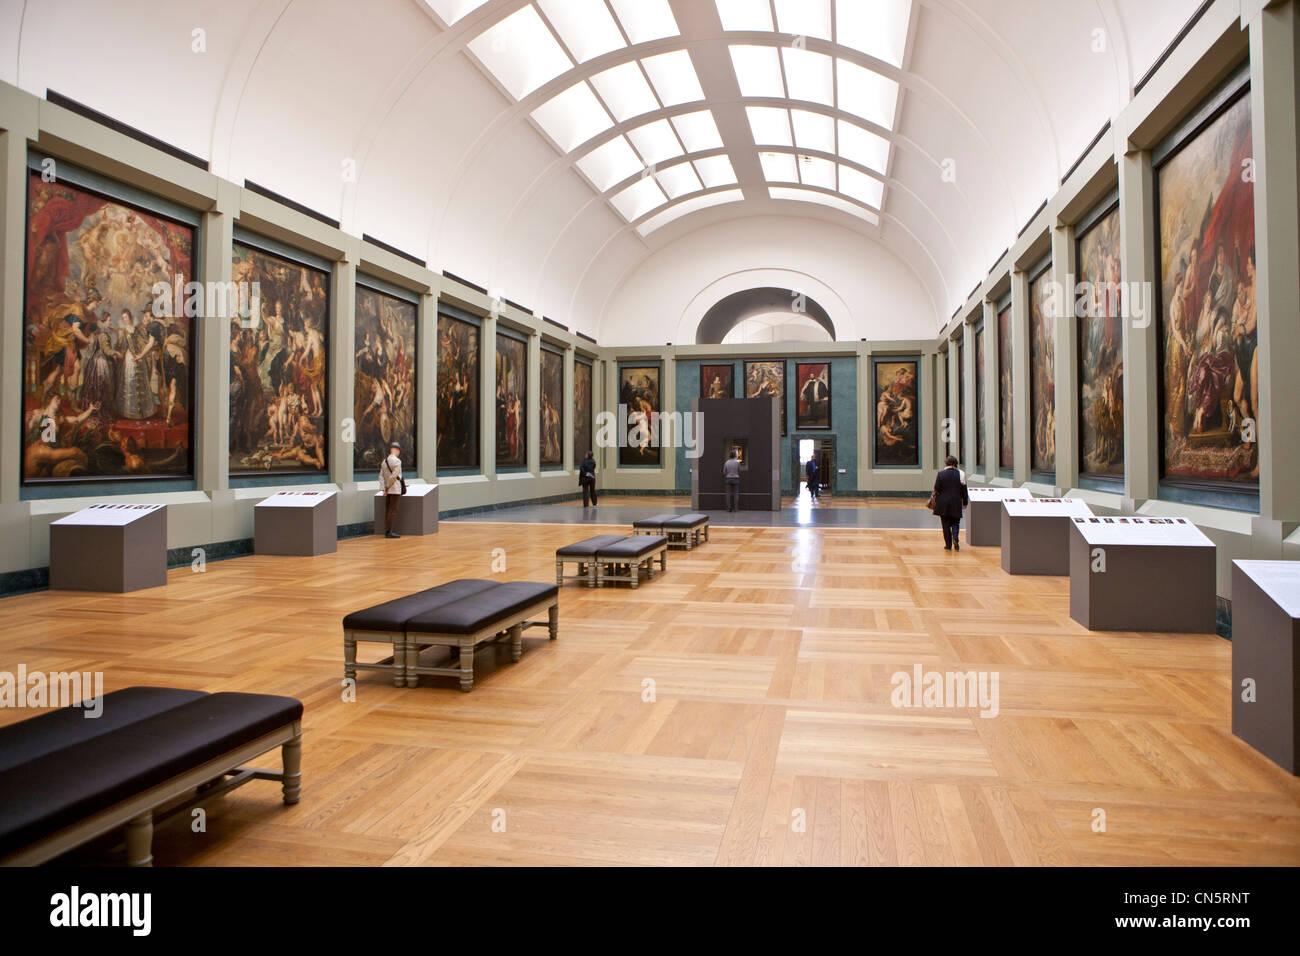 Francia, París, Musée du Louvre (museo del Louvre), habitación 18 sobre el pintor Rubens Foto de stock